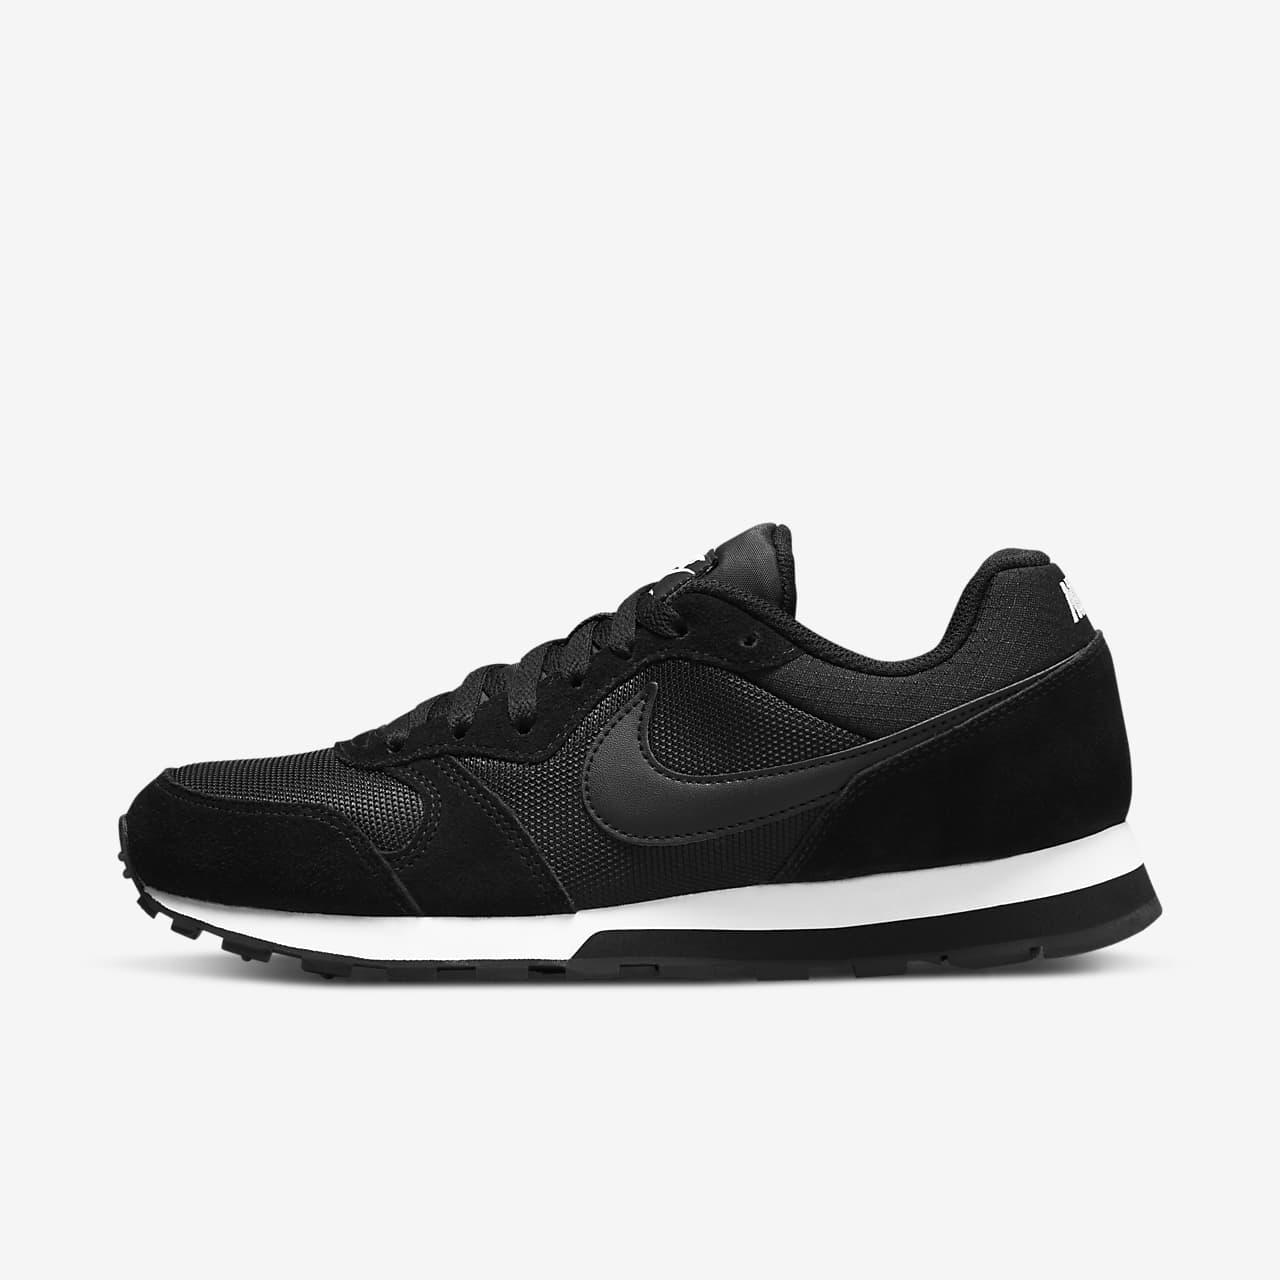 4854de0e56f Sapatilhas Nike MD Runner 2 para mulher. Nike.com PT